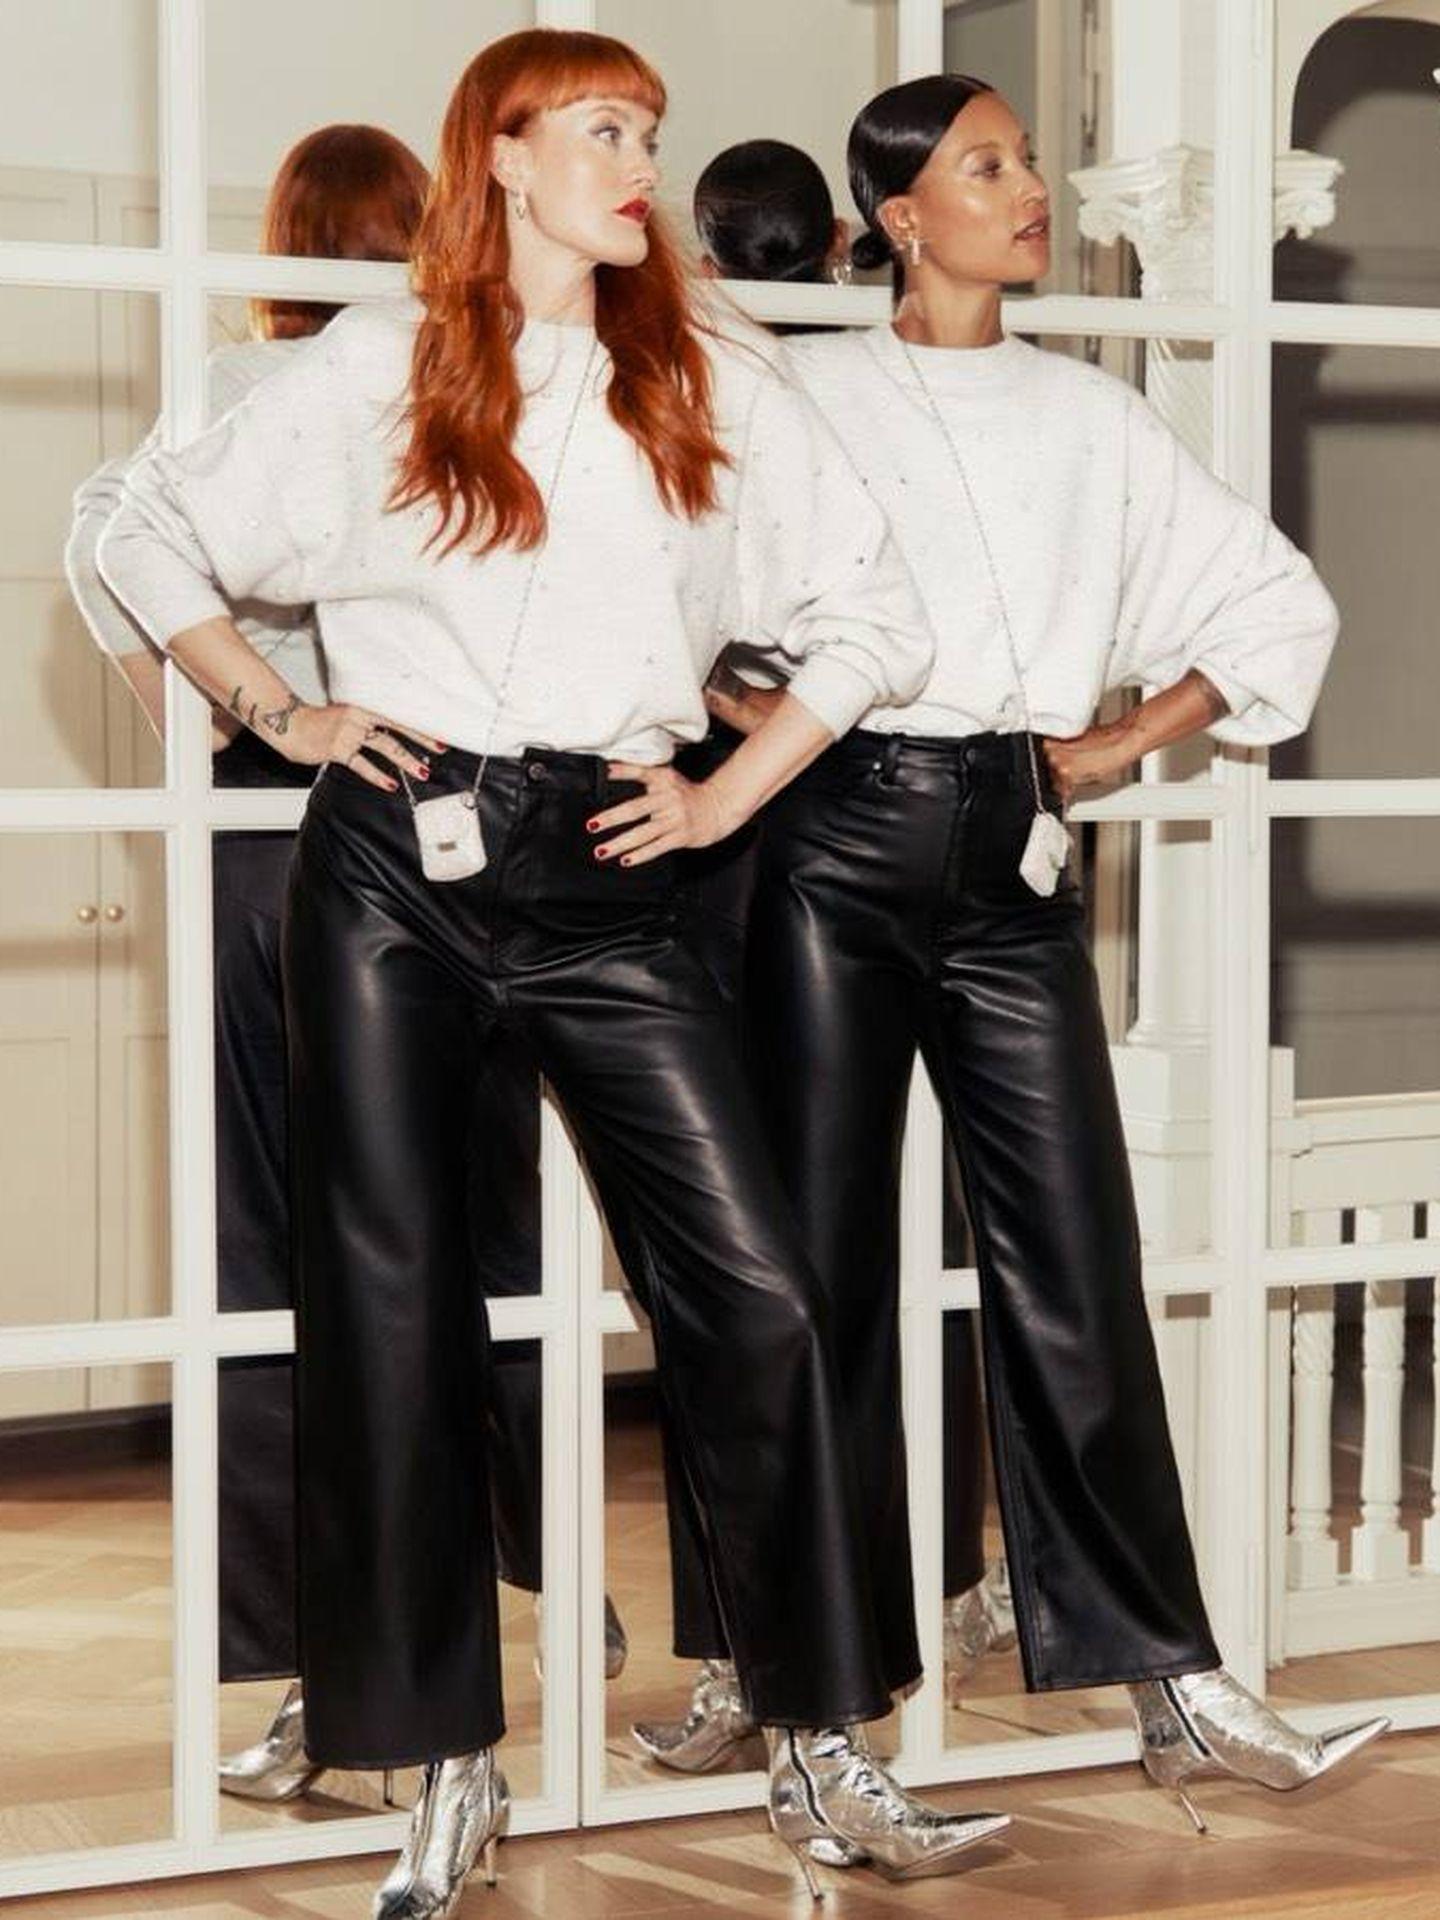 El dúo musical sueco Icona Pop con los botines. (Instagram @hm)